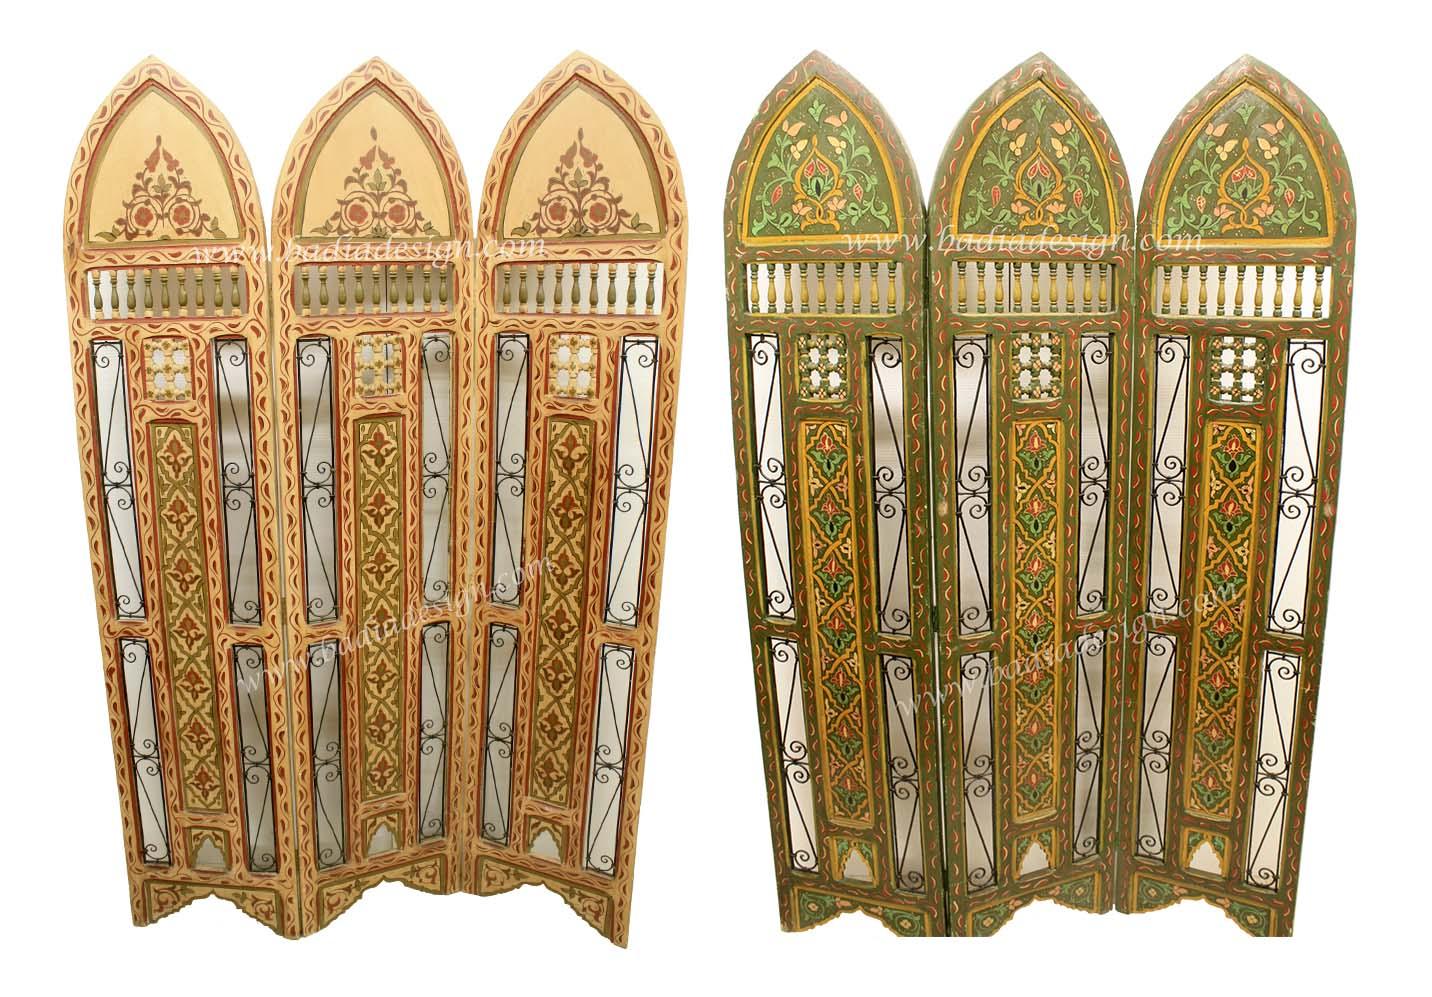 Moroccan Wooden Screen